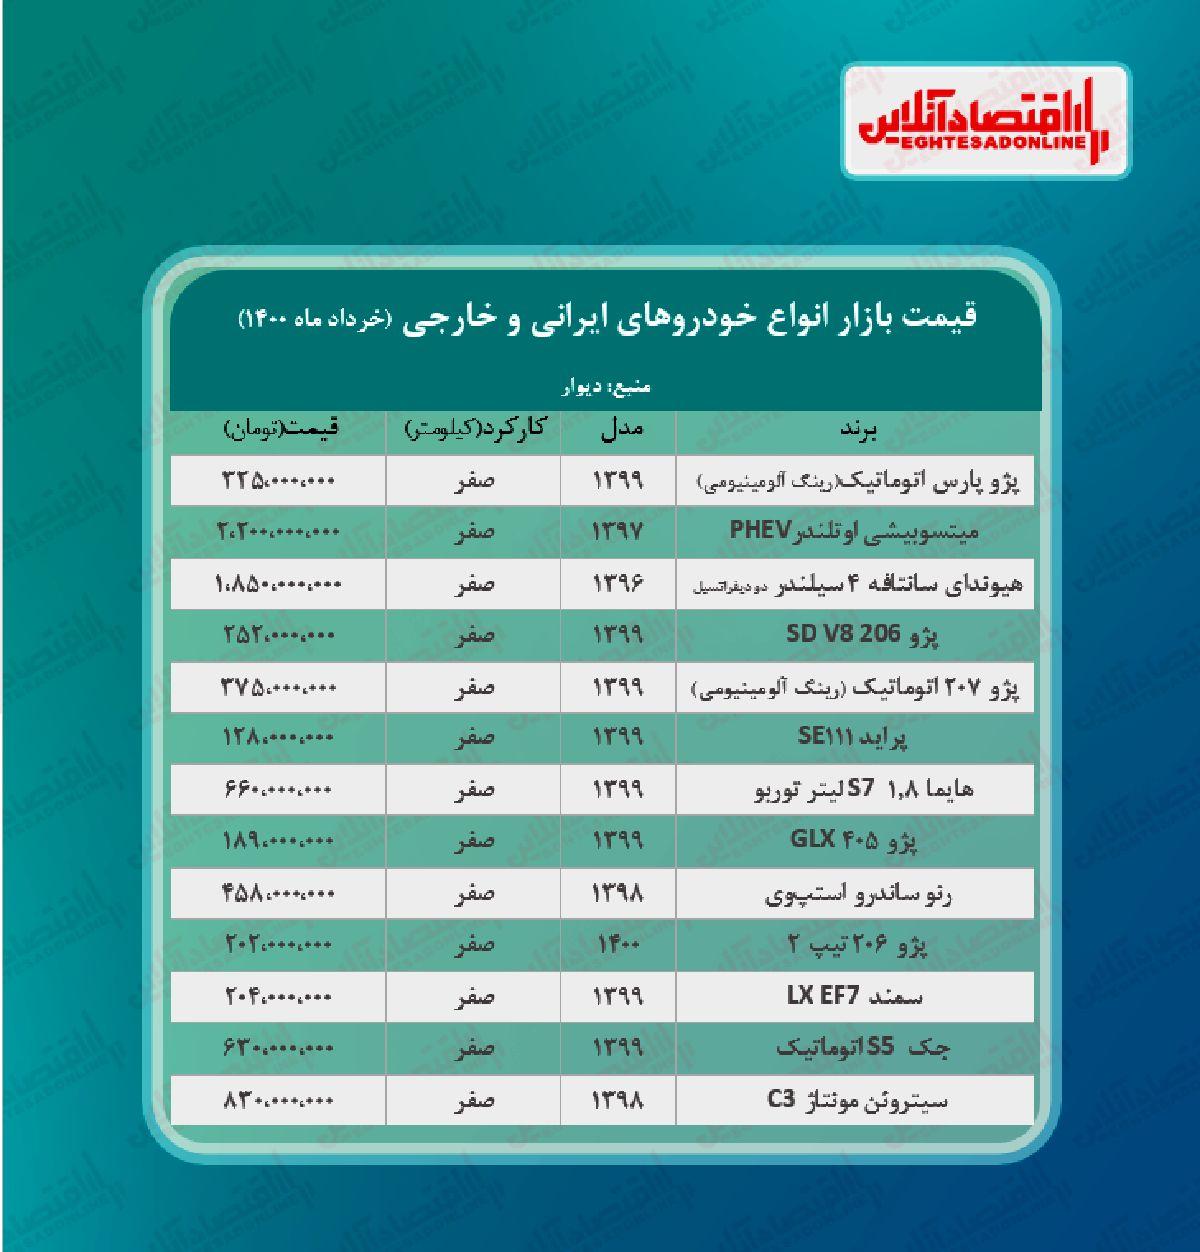 قیمت خودرو امروز ۱۴۰۰/۳/۲